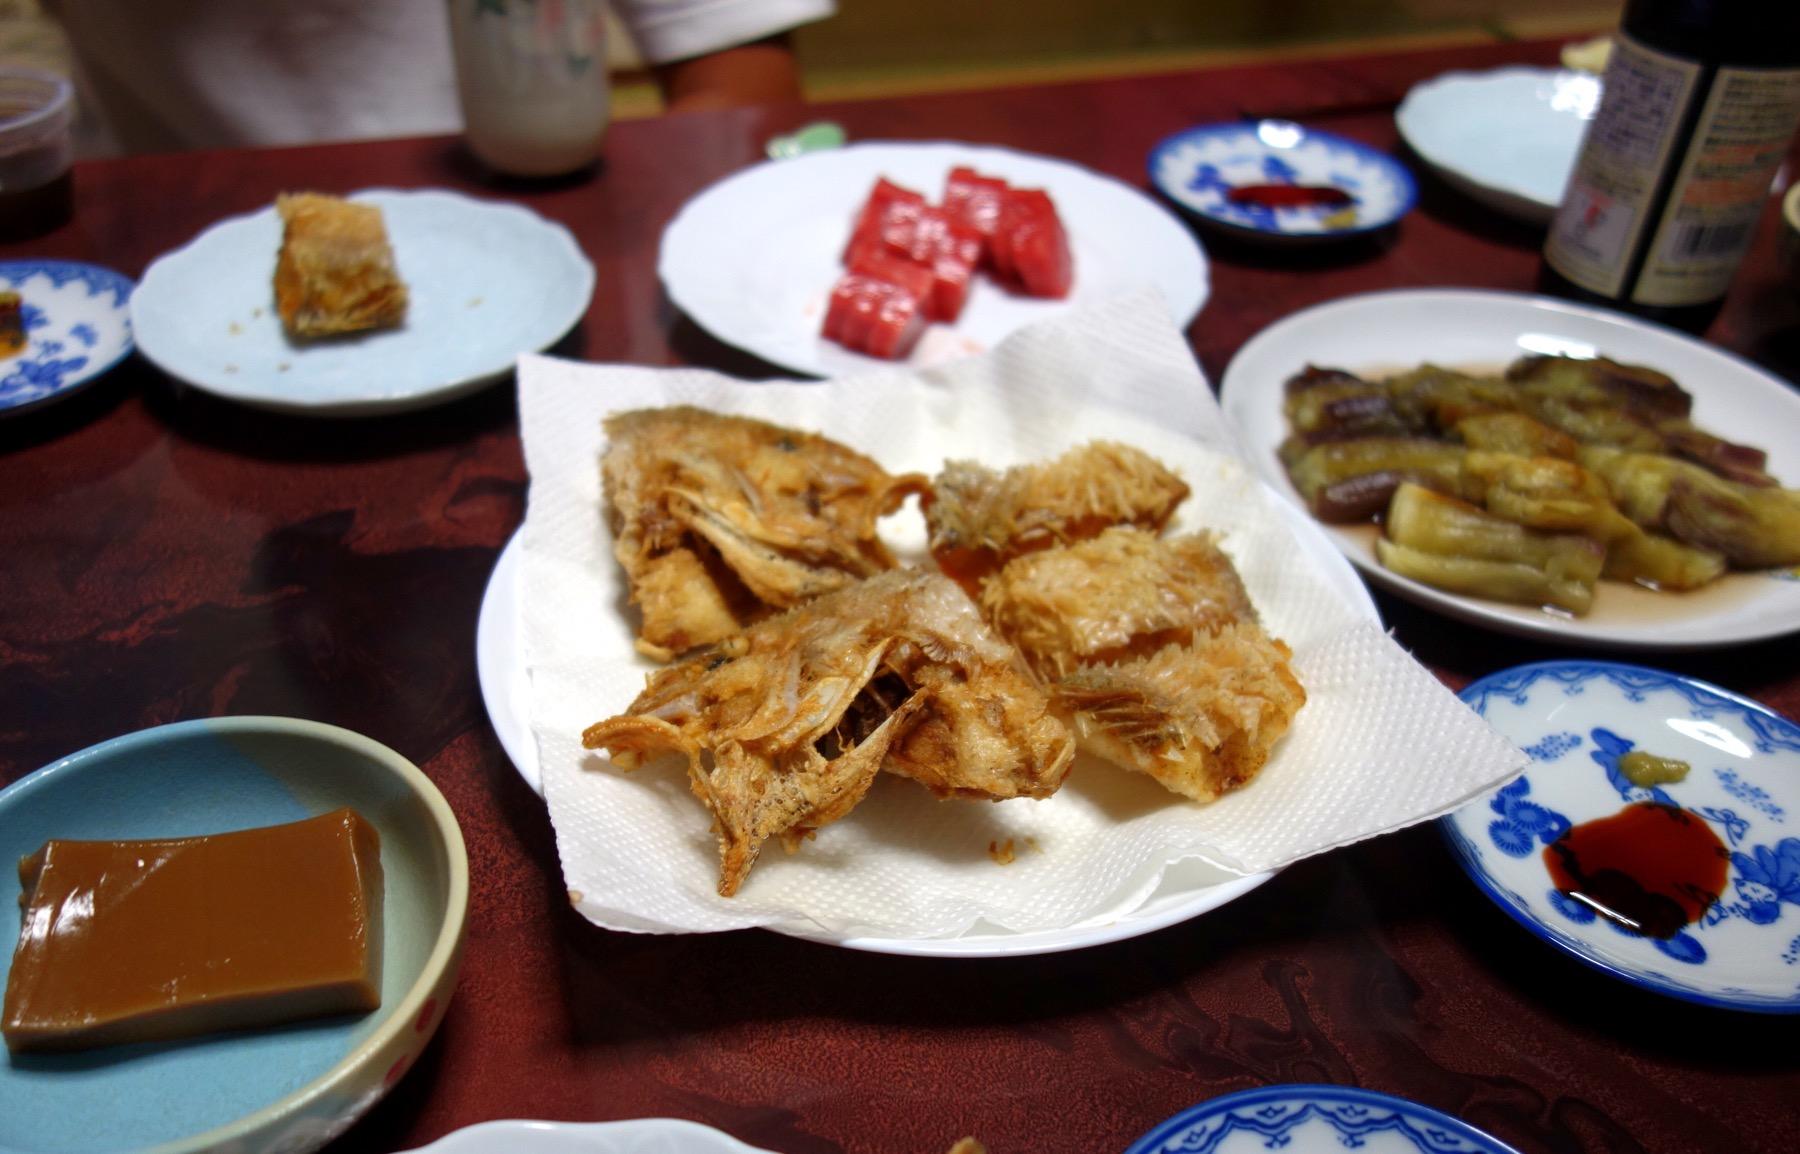 幻の高級魚・白甘鯛が食卓に!(撮影:中野龍三)。